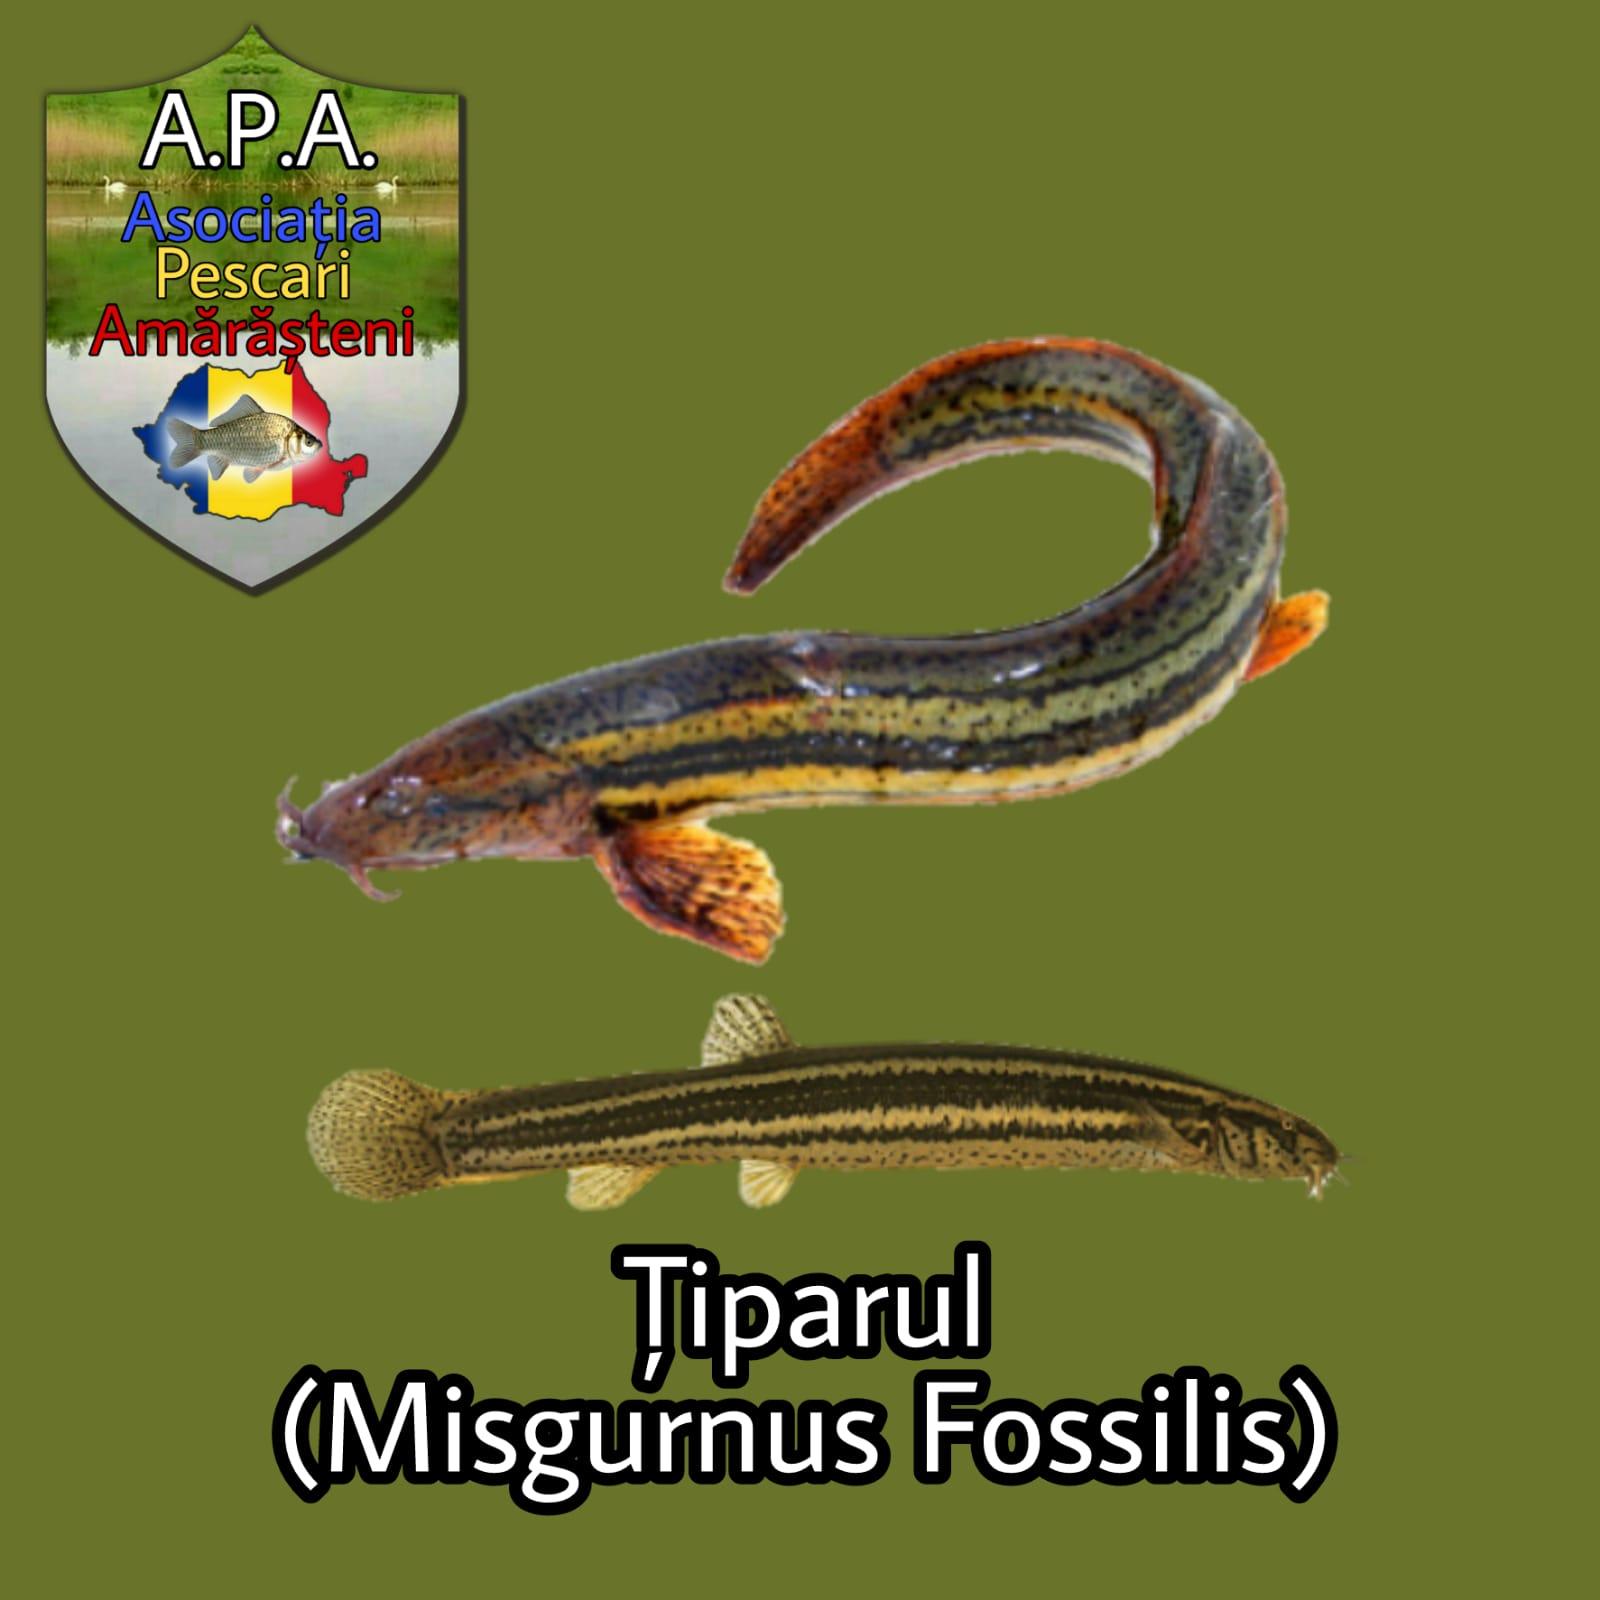 Țiparul (Misgurnus fossilis), vârlarul (reg.)